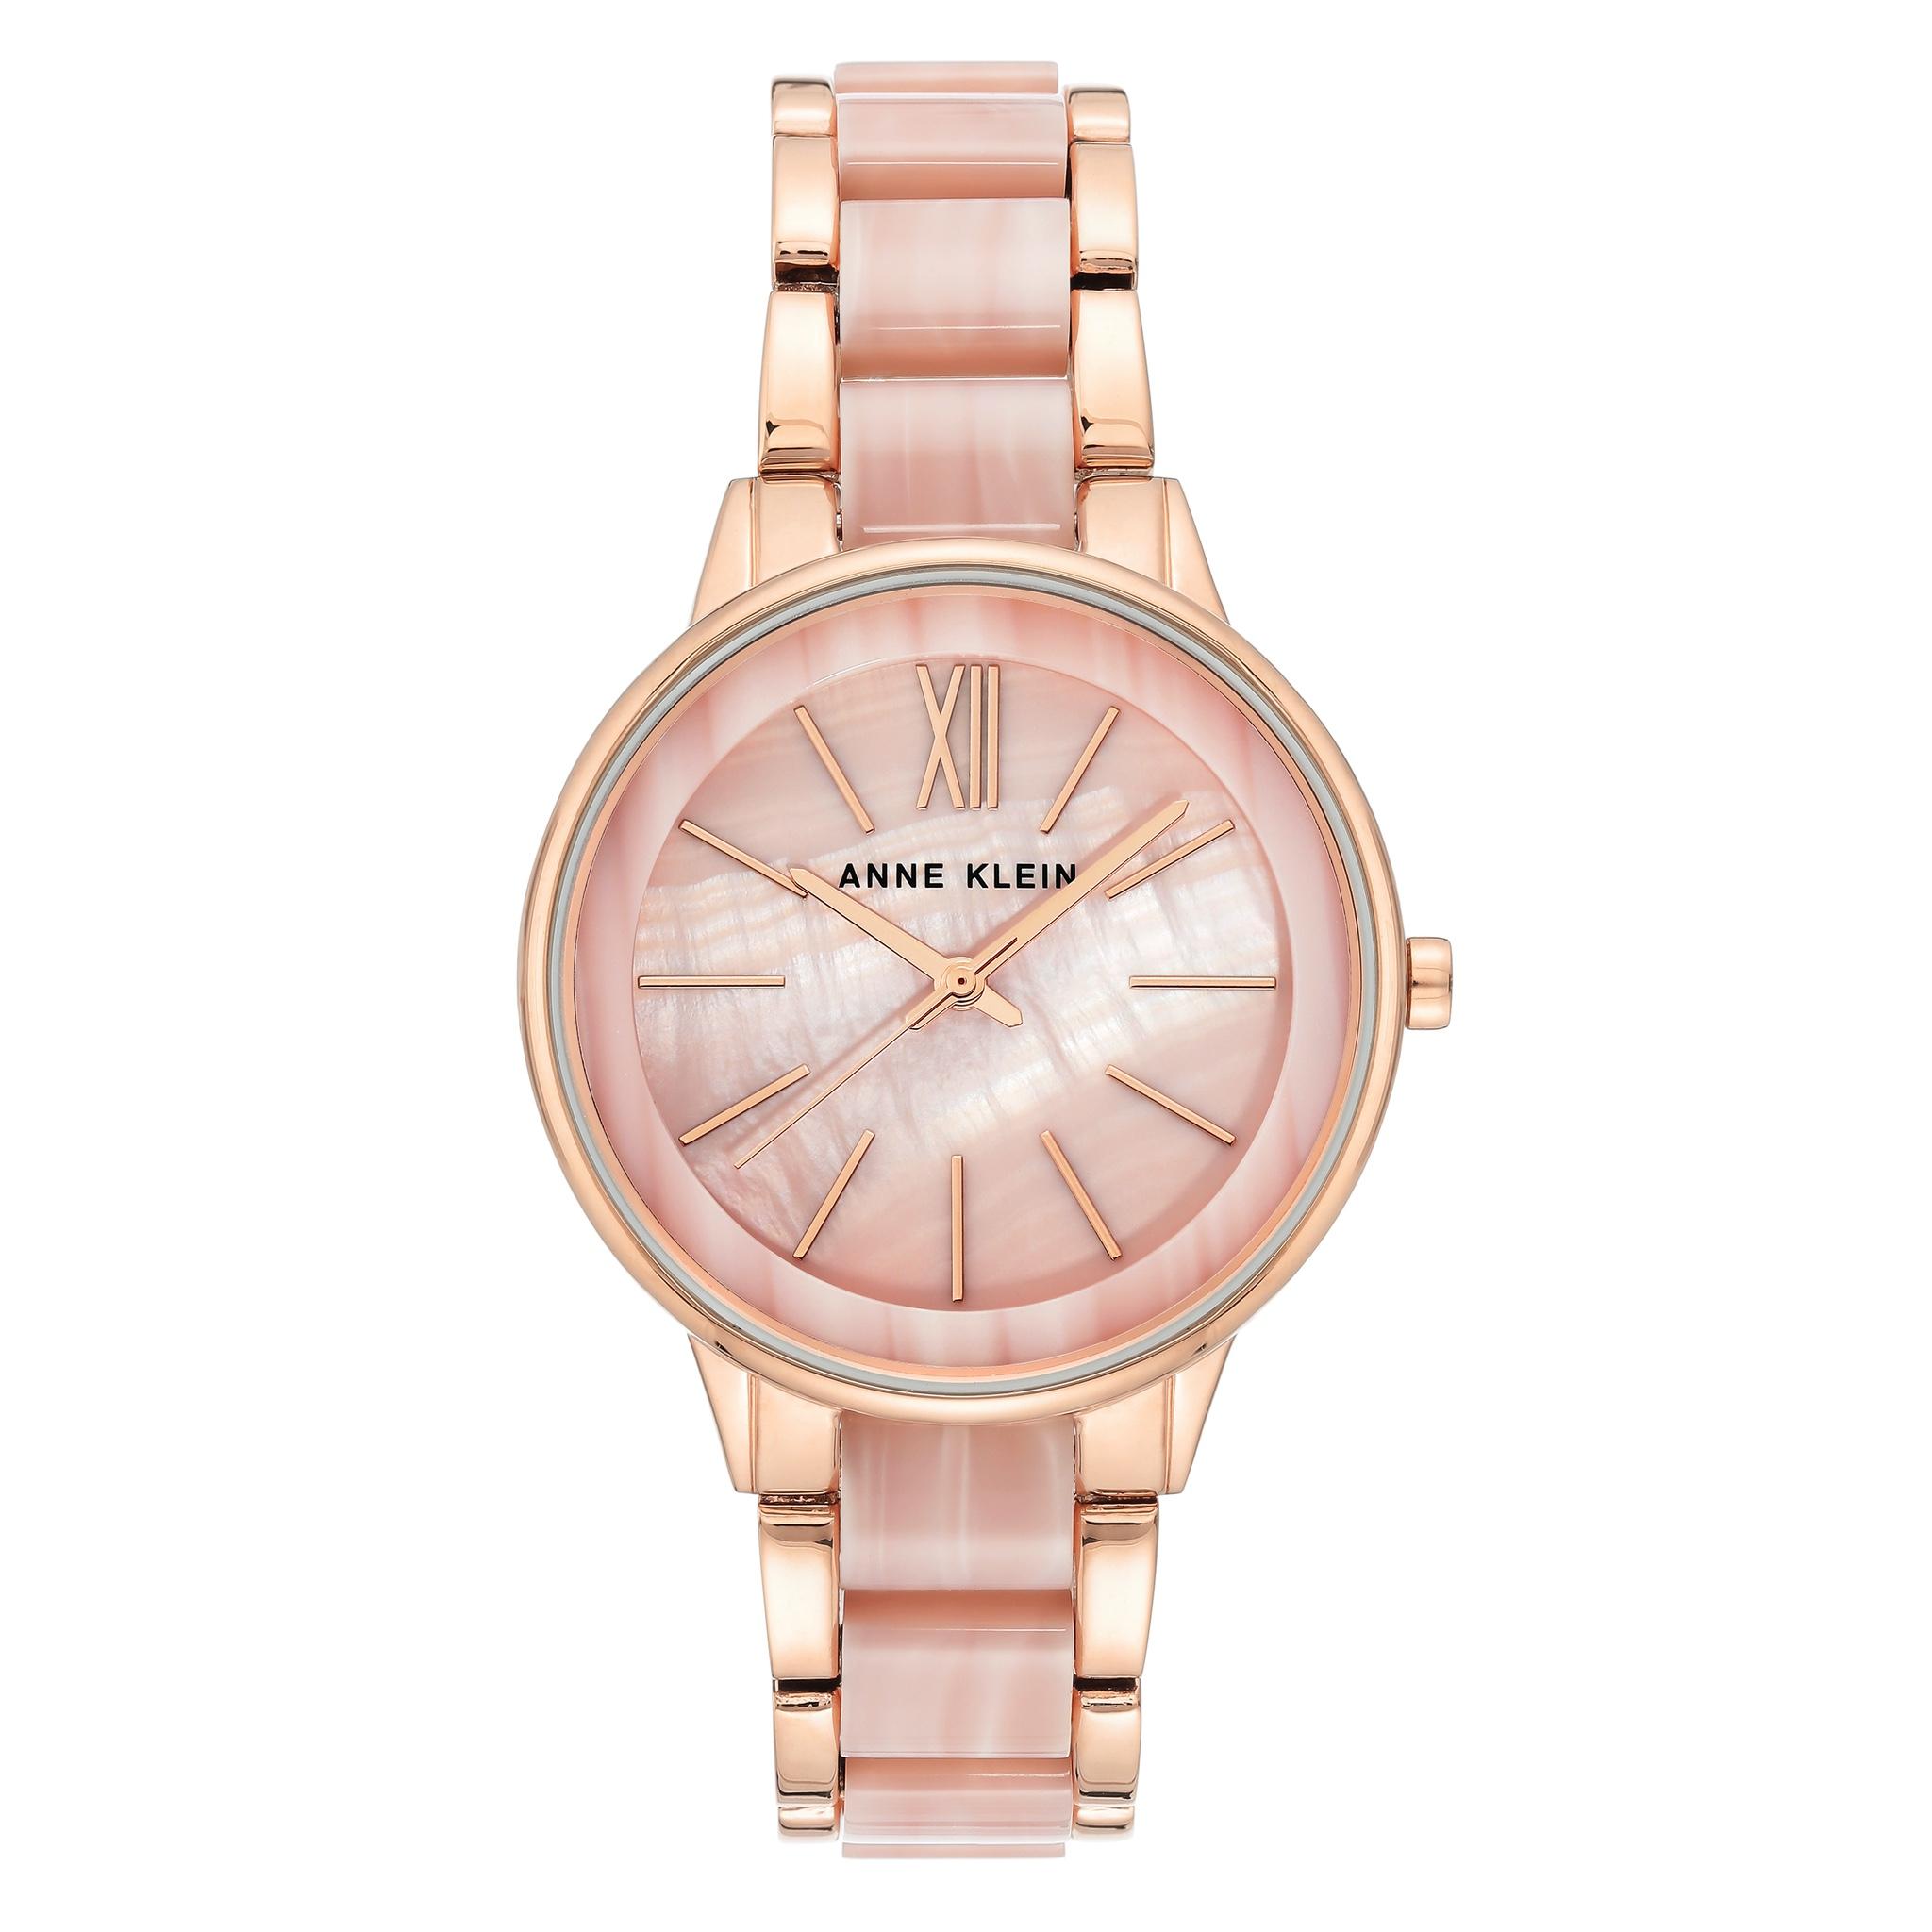 Anne Klein x BCRF Shop Pink Watch